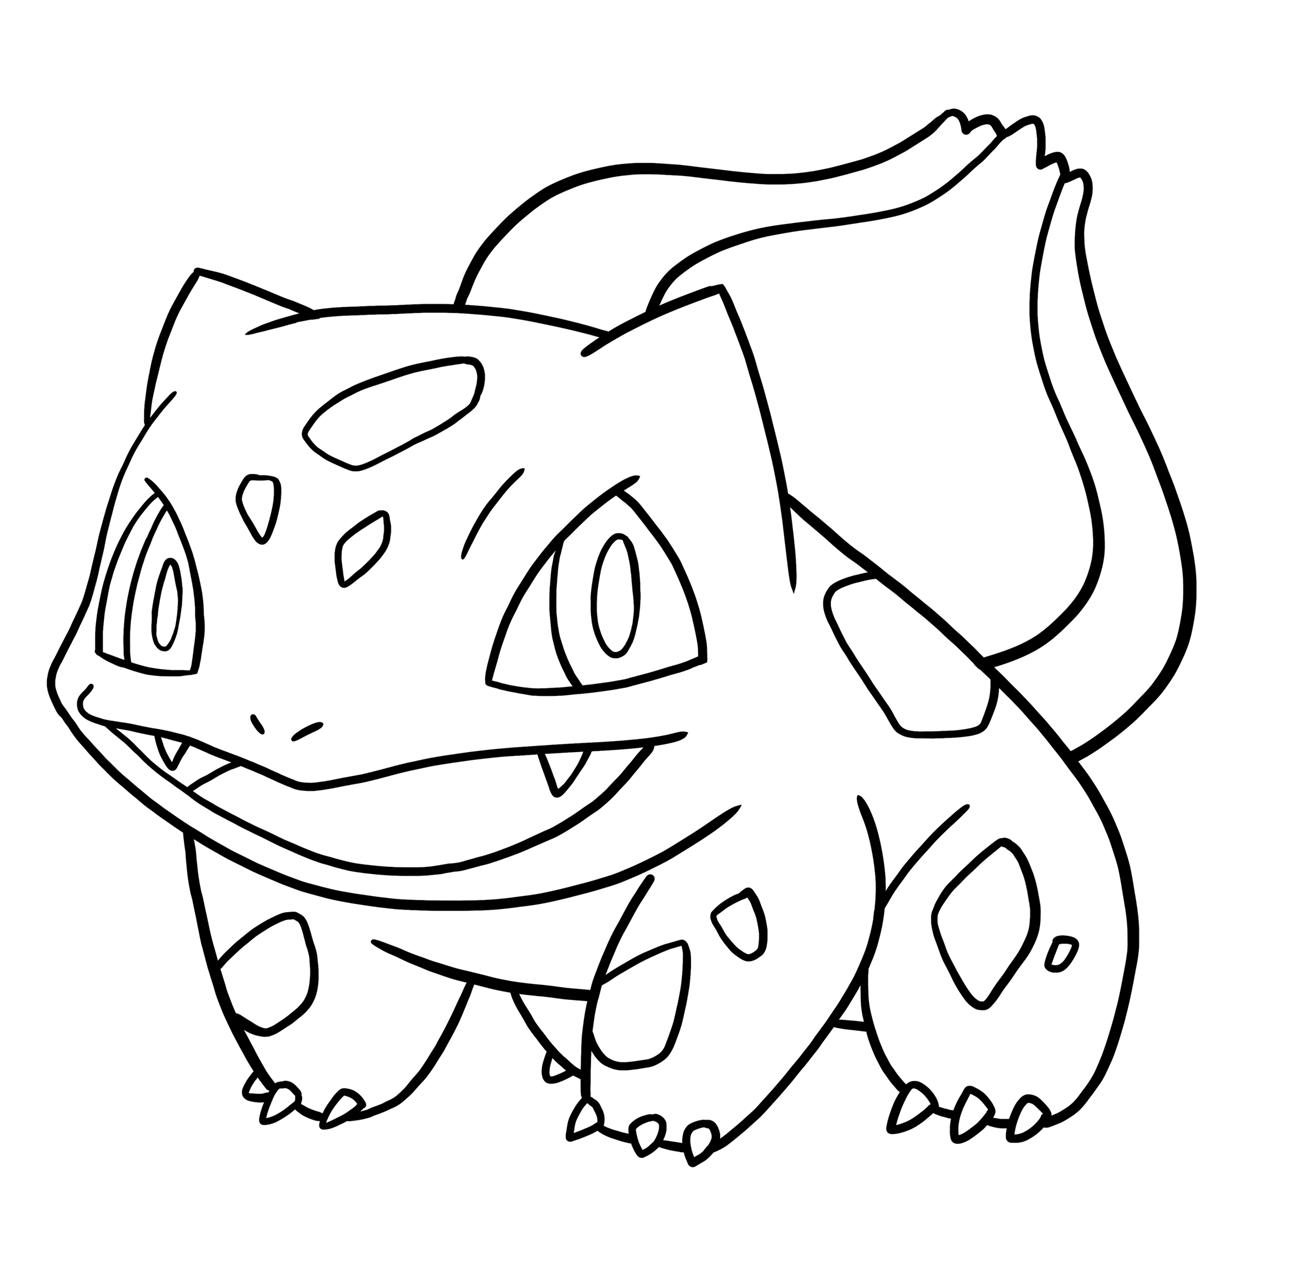 Pok mon Gen 1 Bulbasaur